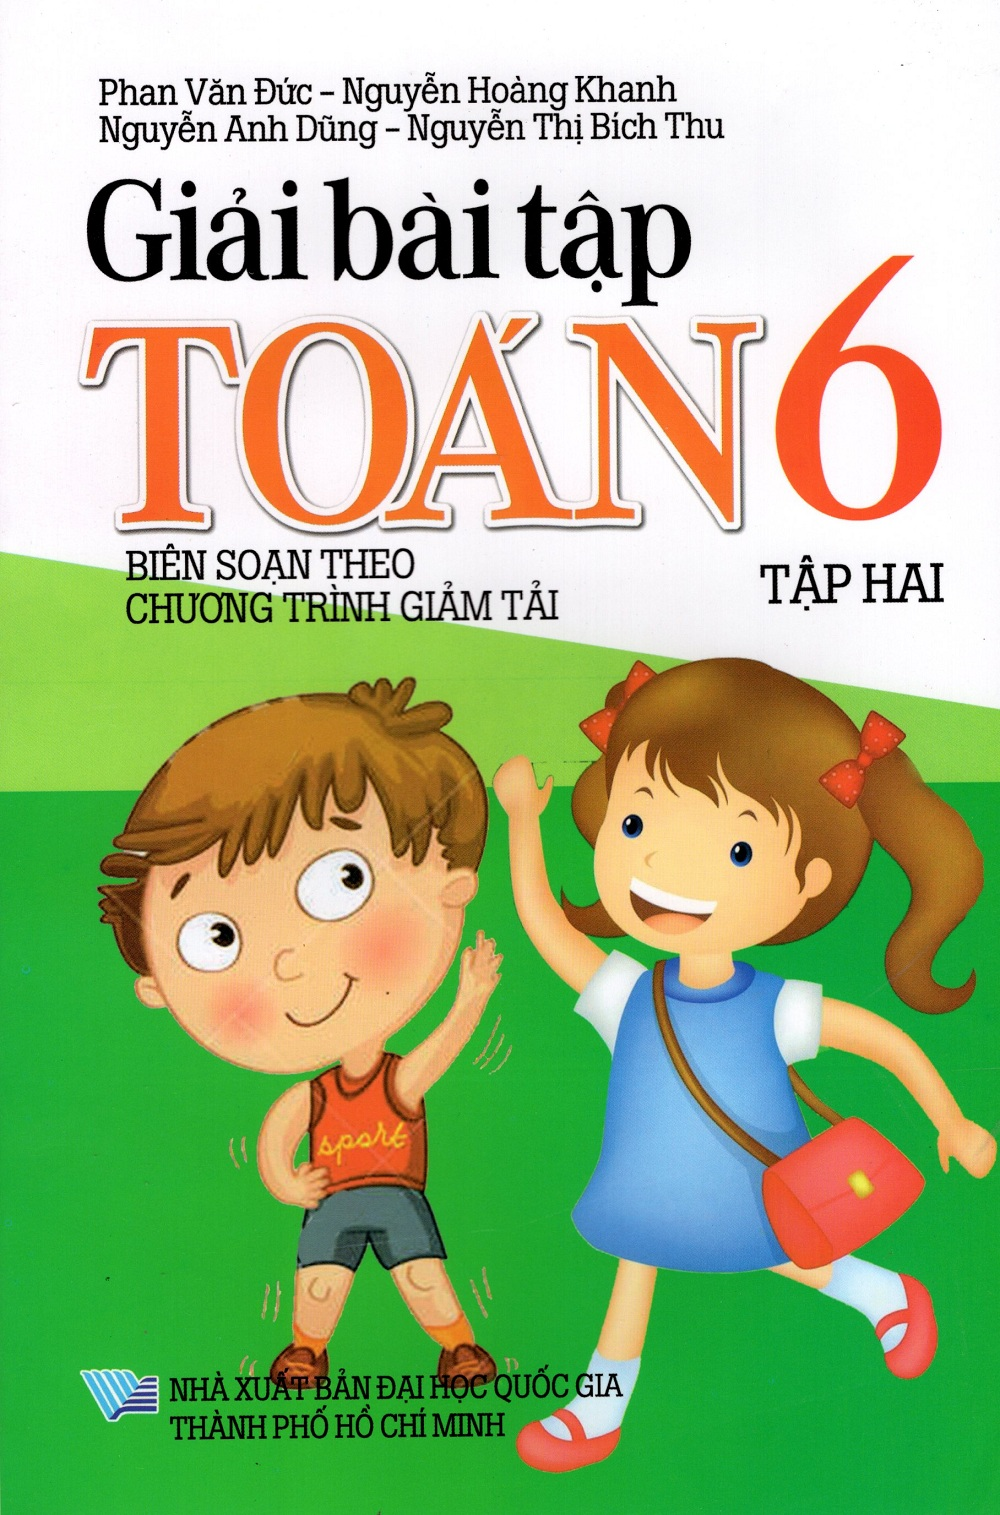 Bìa sách Giải Bài Tập Toán Lớp 6 (Tập Hai)